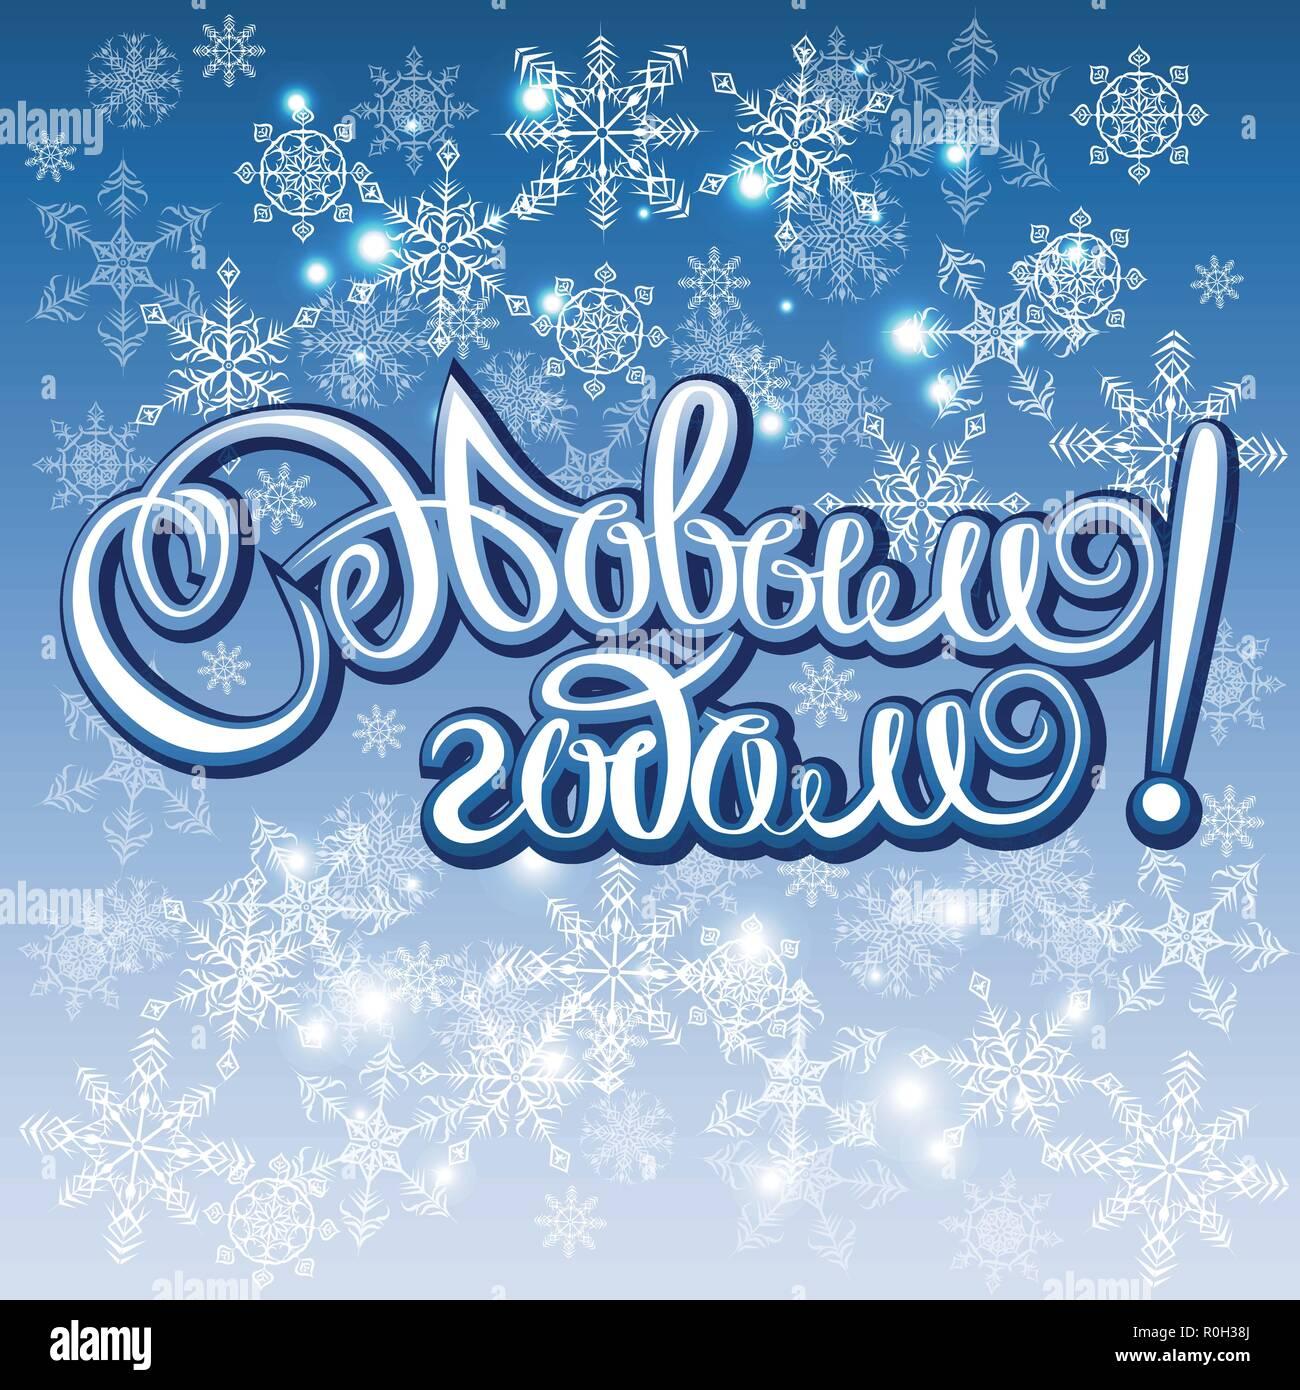 Frohe Weihnachten Und Ein Gutes Neues Jahr Russisch.Inschrift In Russischer Sprache Stockfotos Inschrift In Russischer